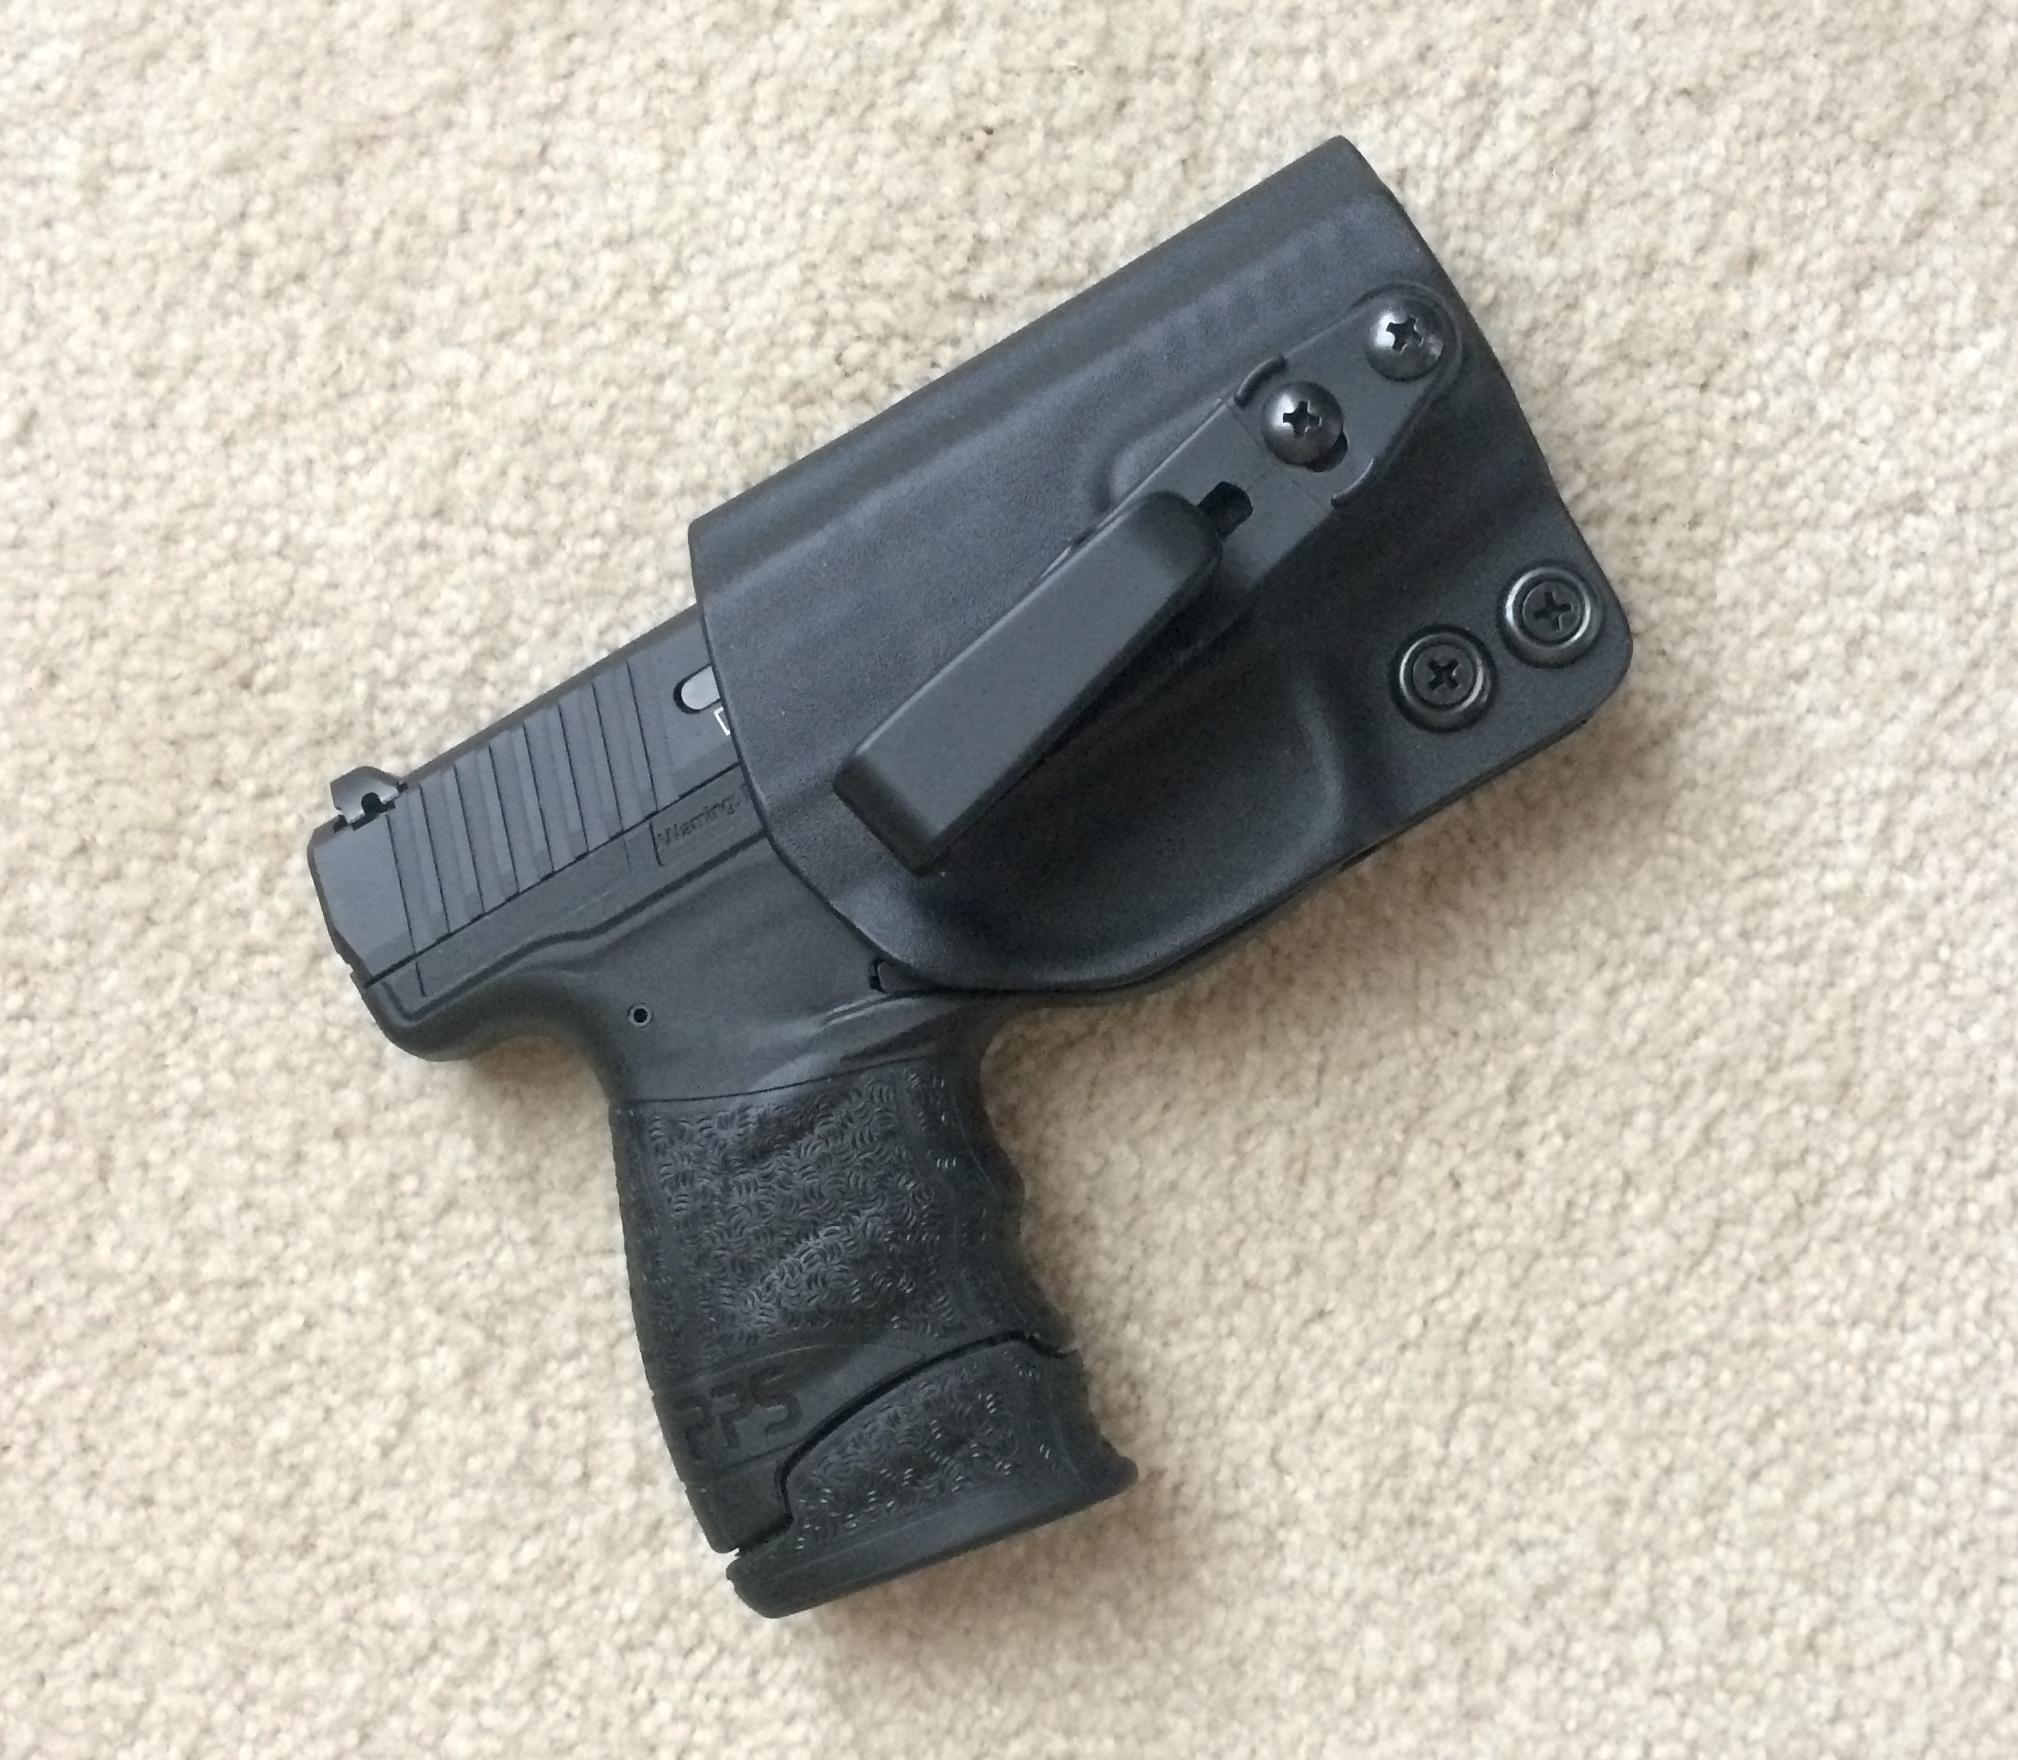 Nylon holster for iwb carry-fullsizeoutput_15f.jpeg